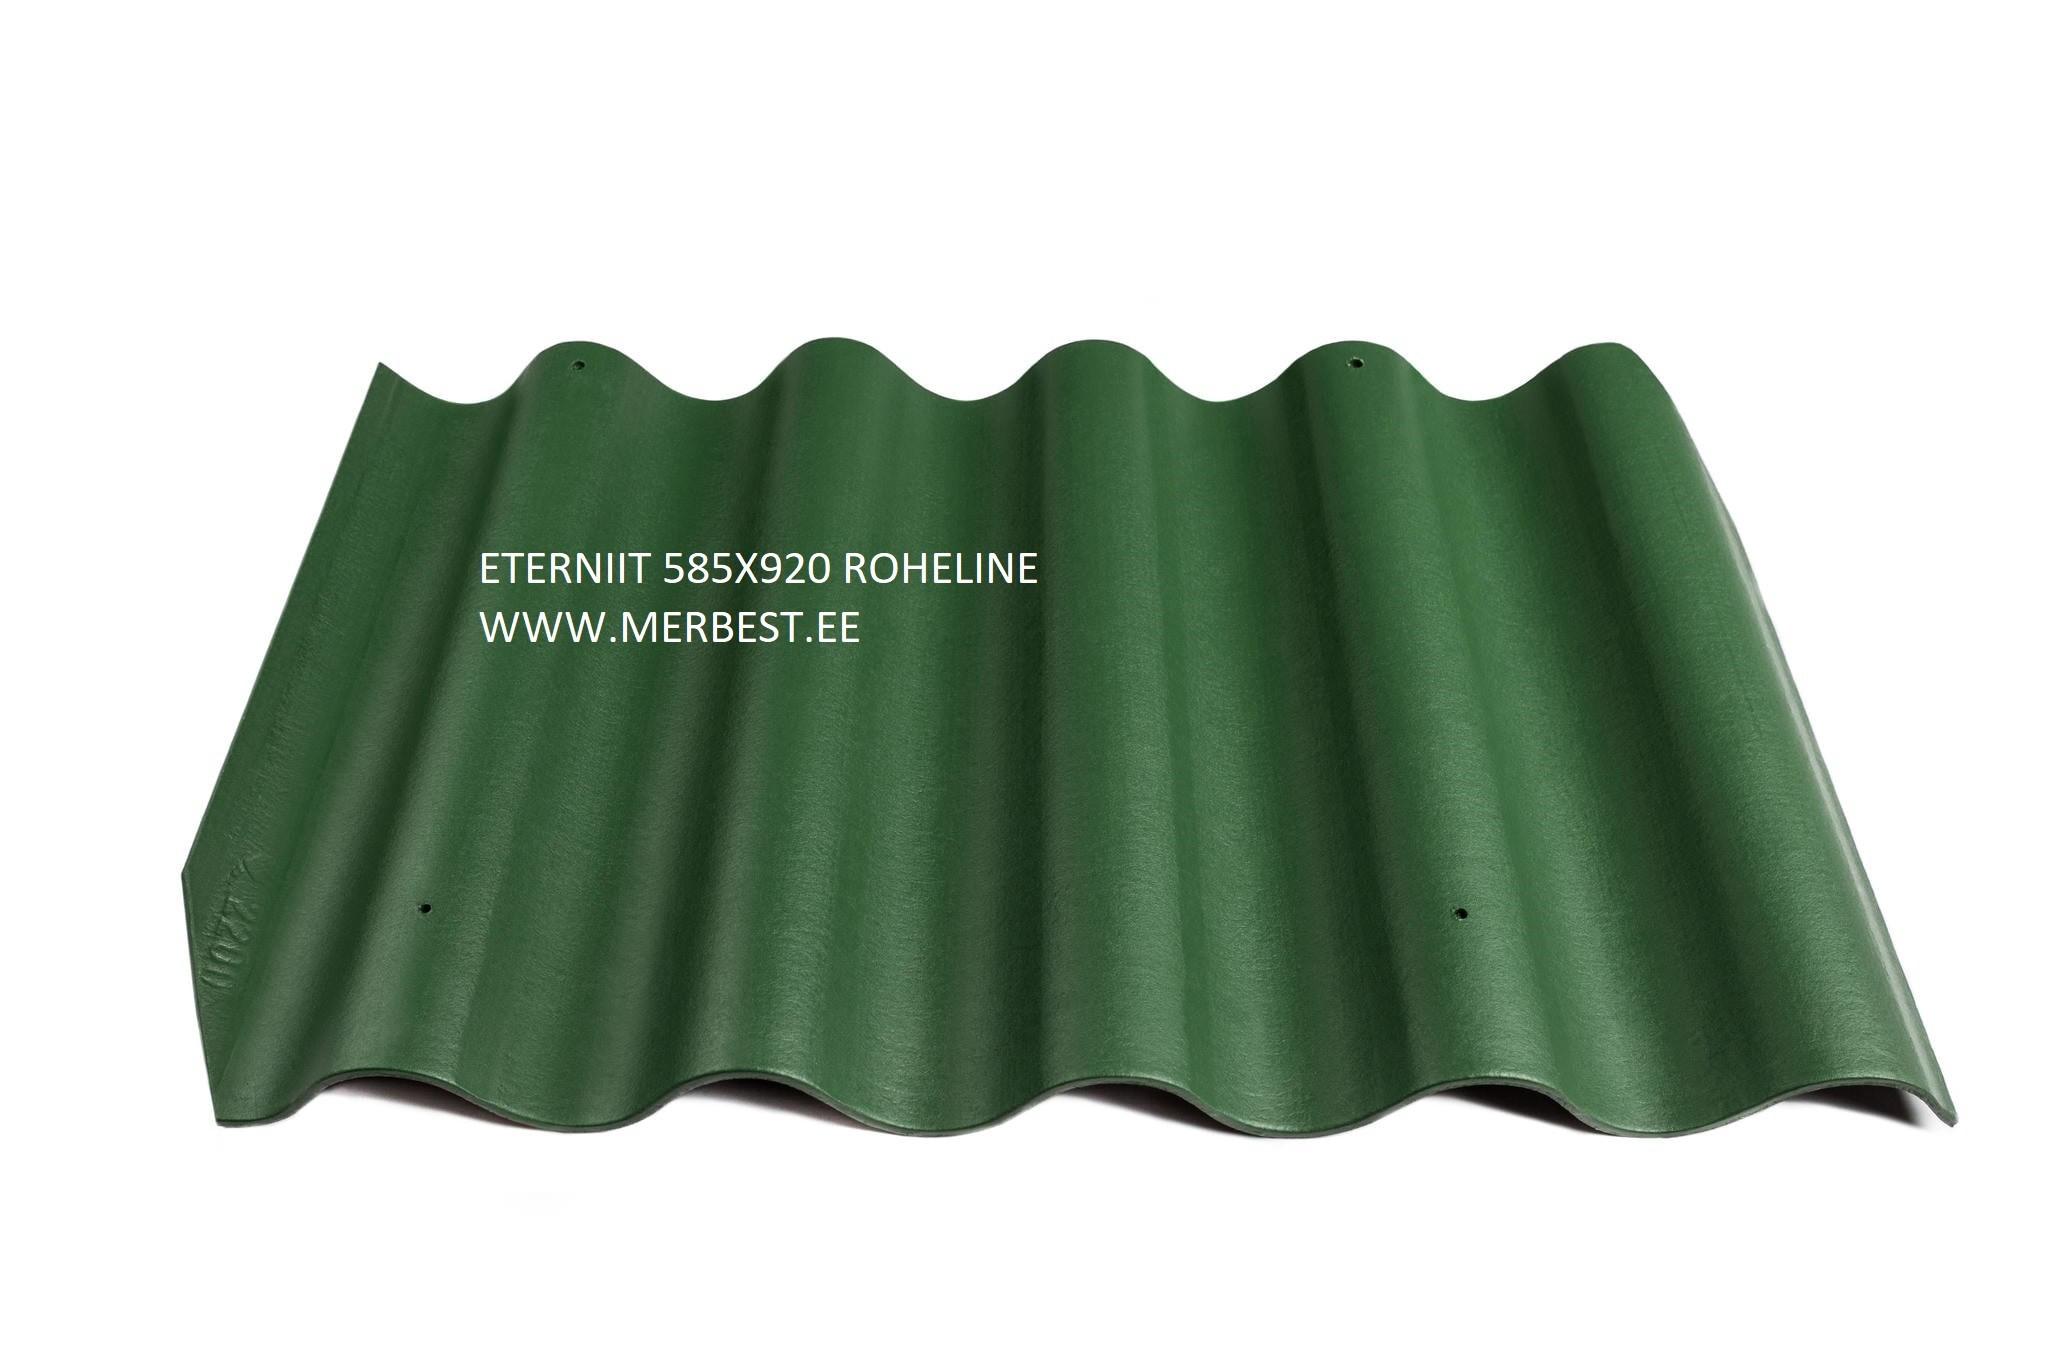 66687_Eternit_Gotika_BL31_large roheline Merbest OÜ, eterniit, eterniidi müük, eterniidi vahetus, katuse ehitus, katuseplaadid, eterniidi hind